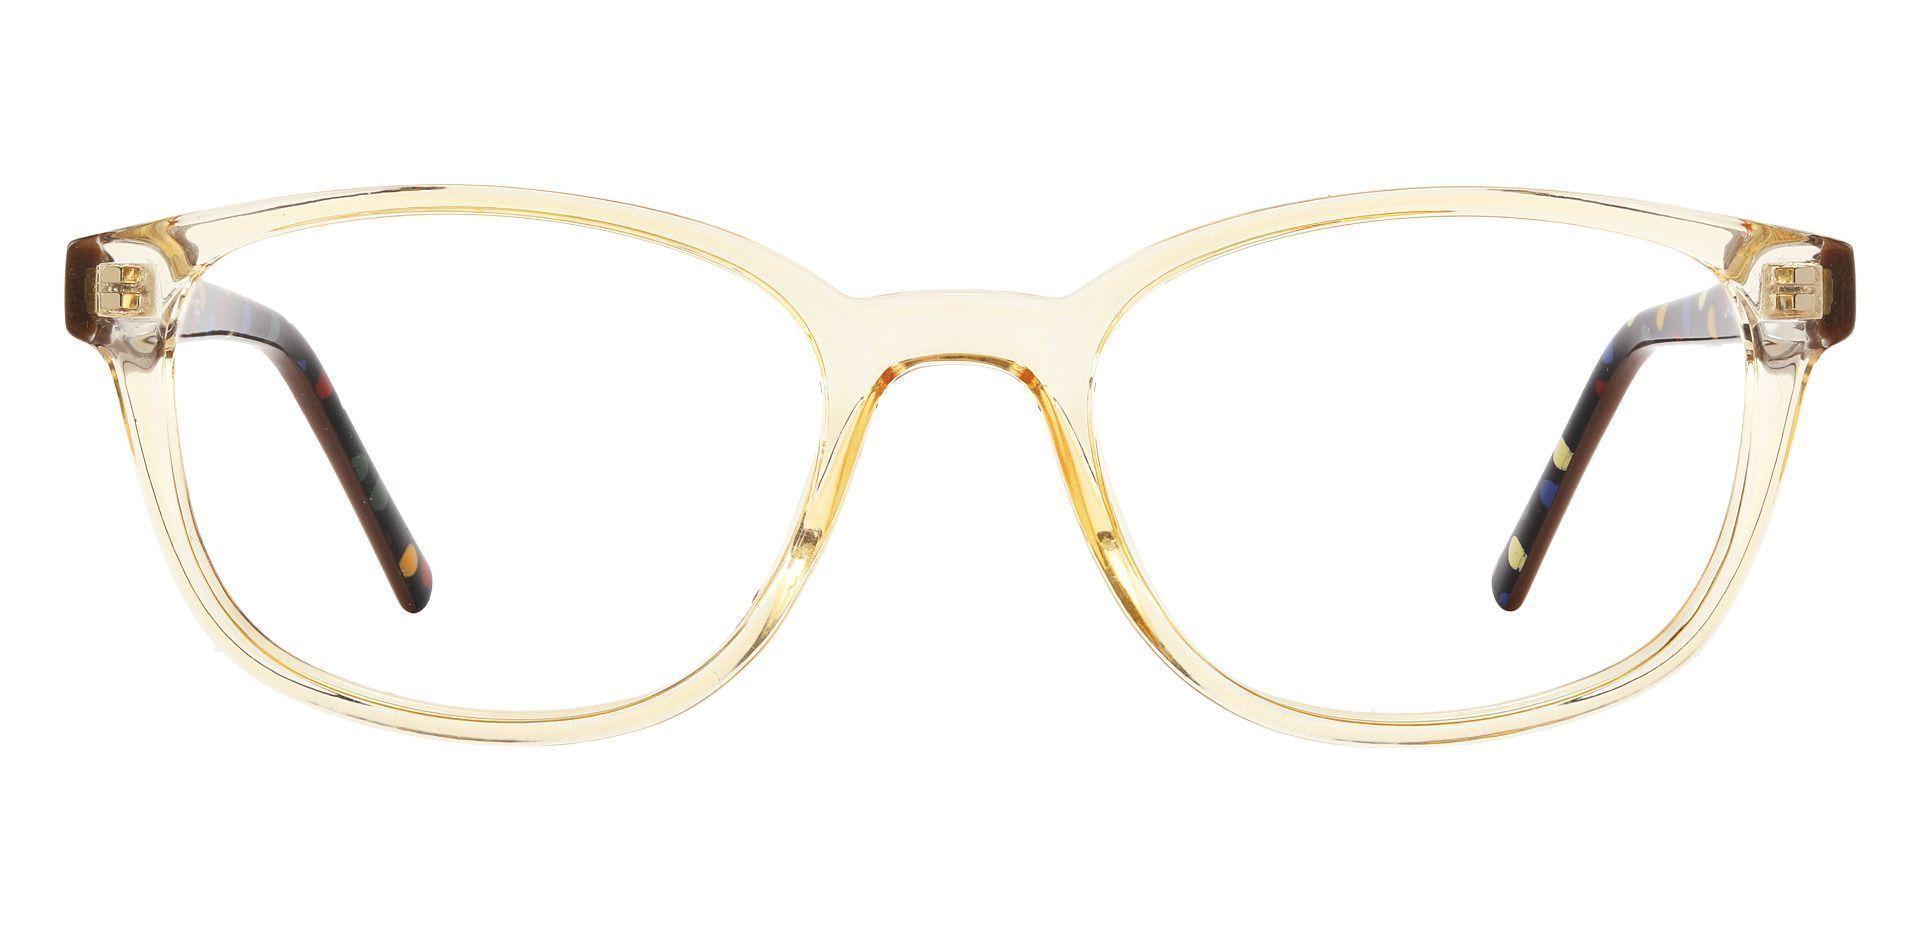 Branson Rectangle Prescription Glasses - Brown